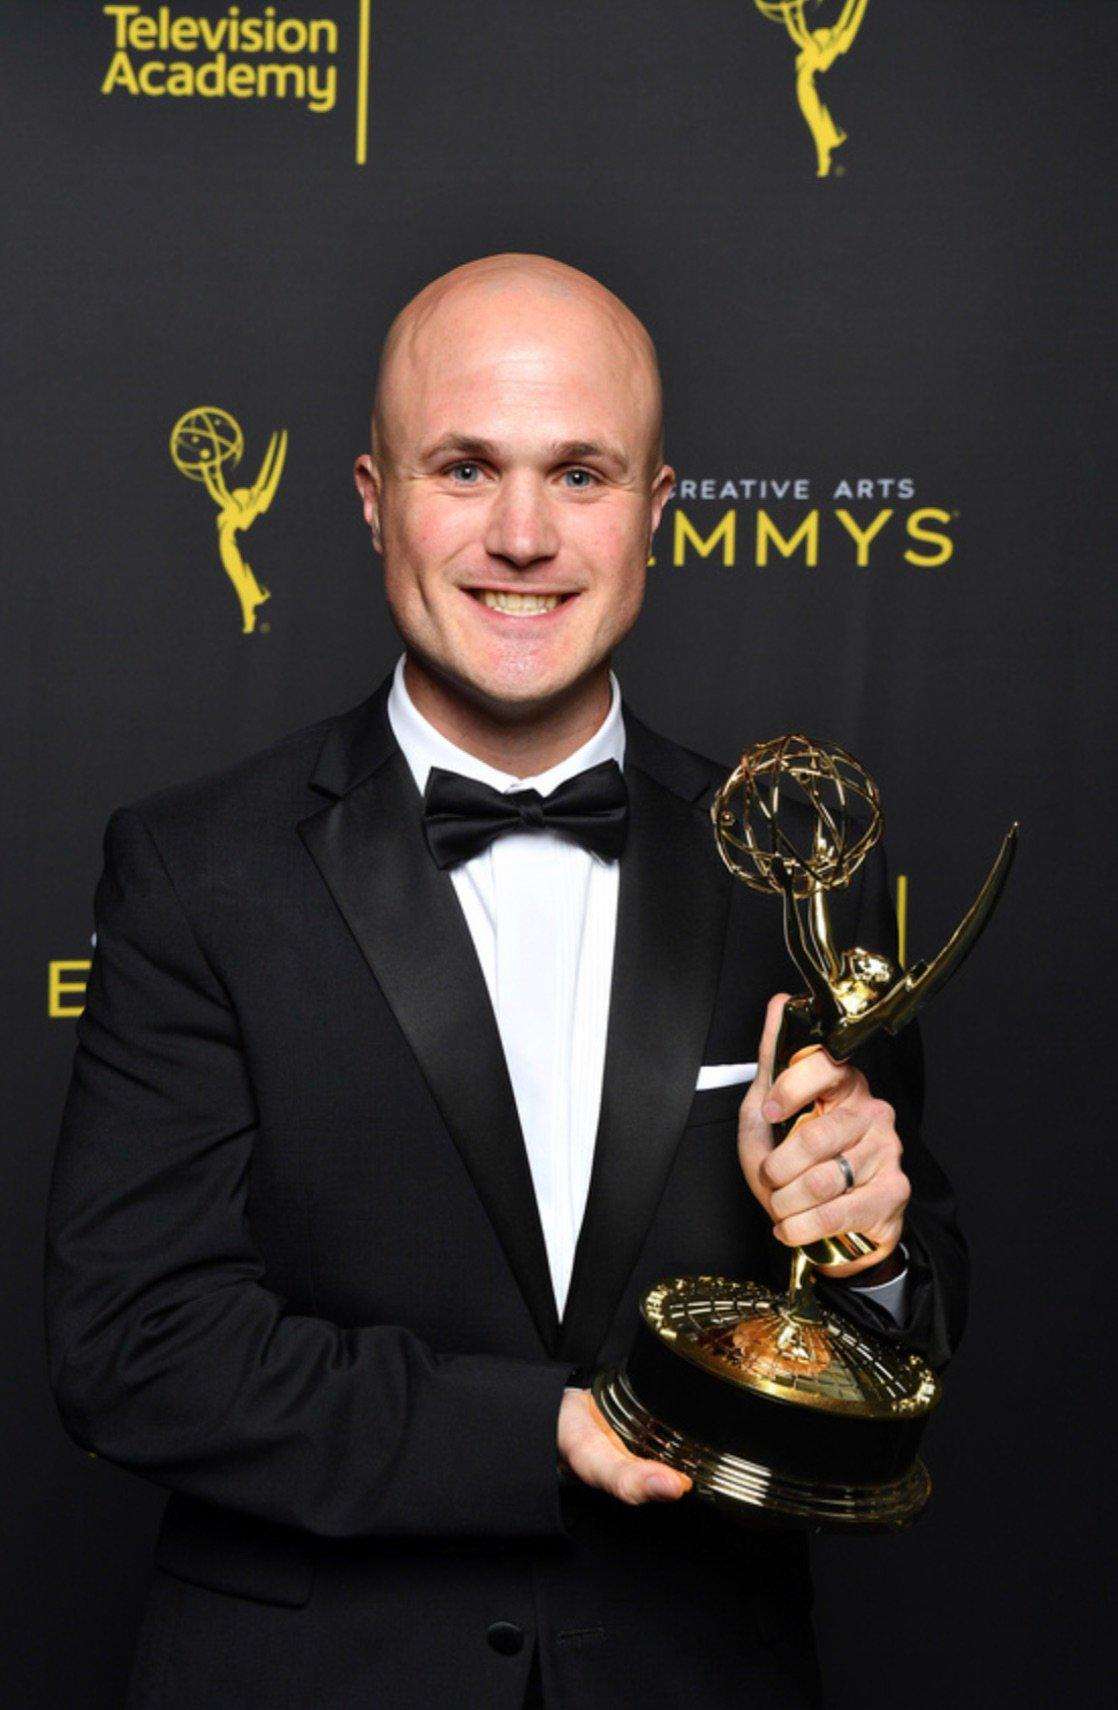 Simon Smith - Emmy